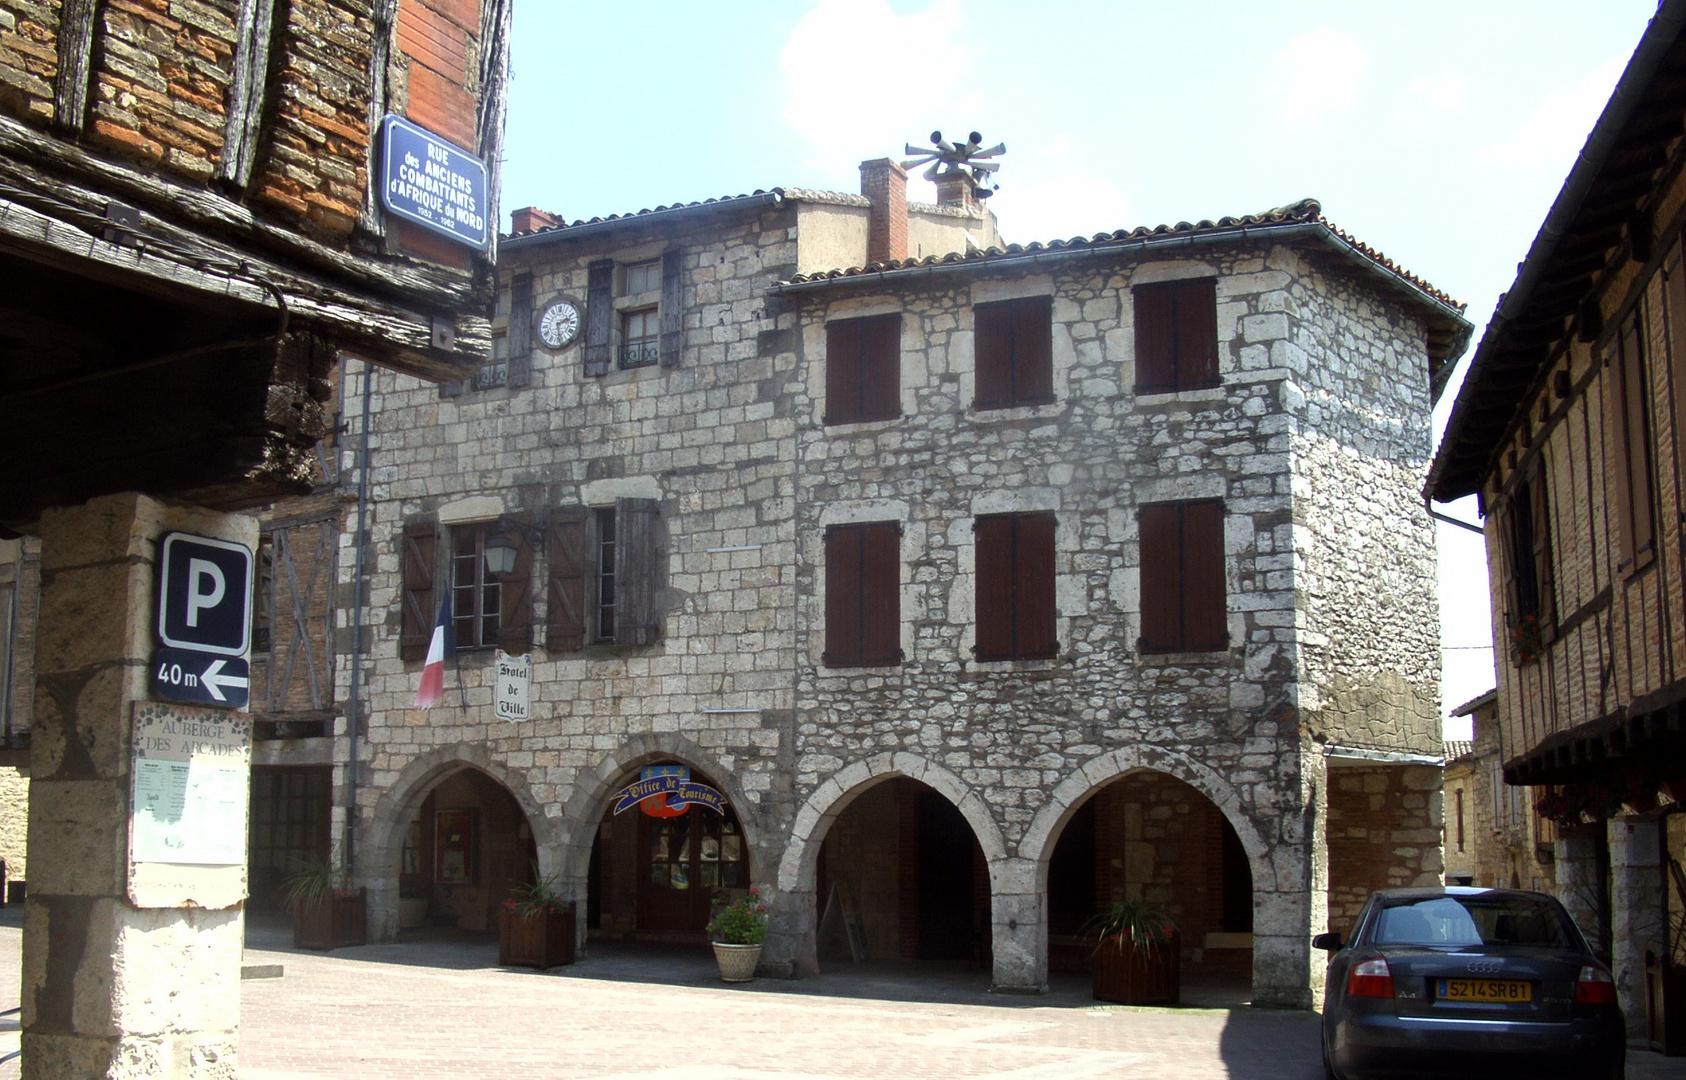 Castelnau-de-Montmirail (1)